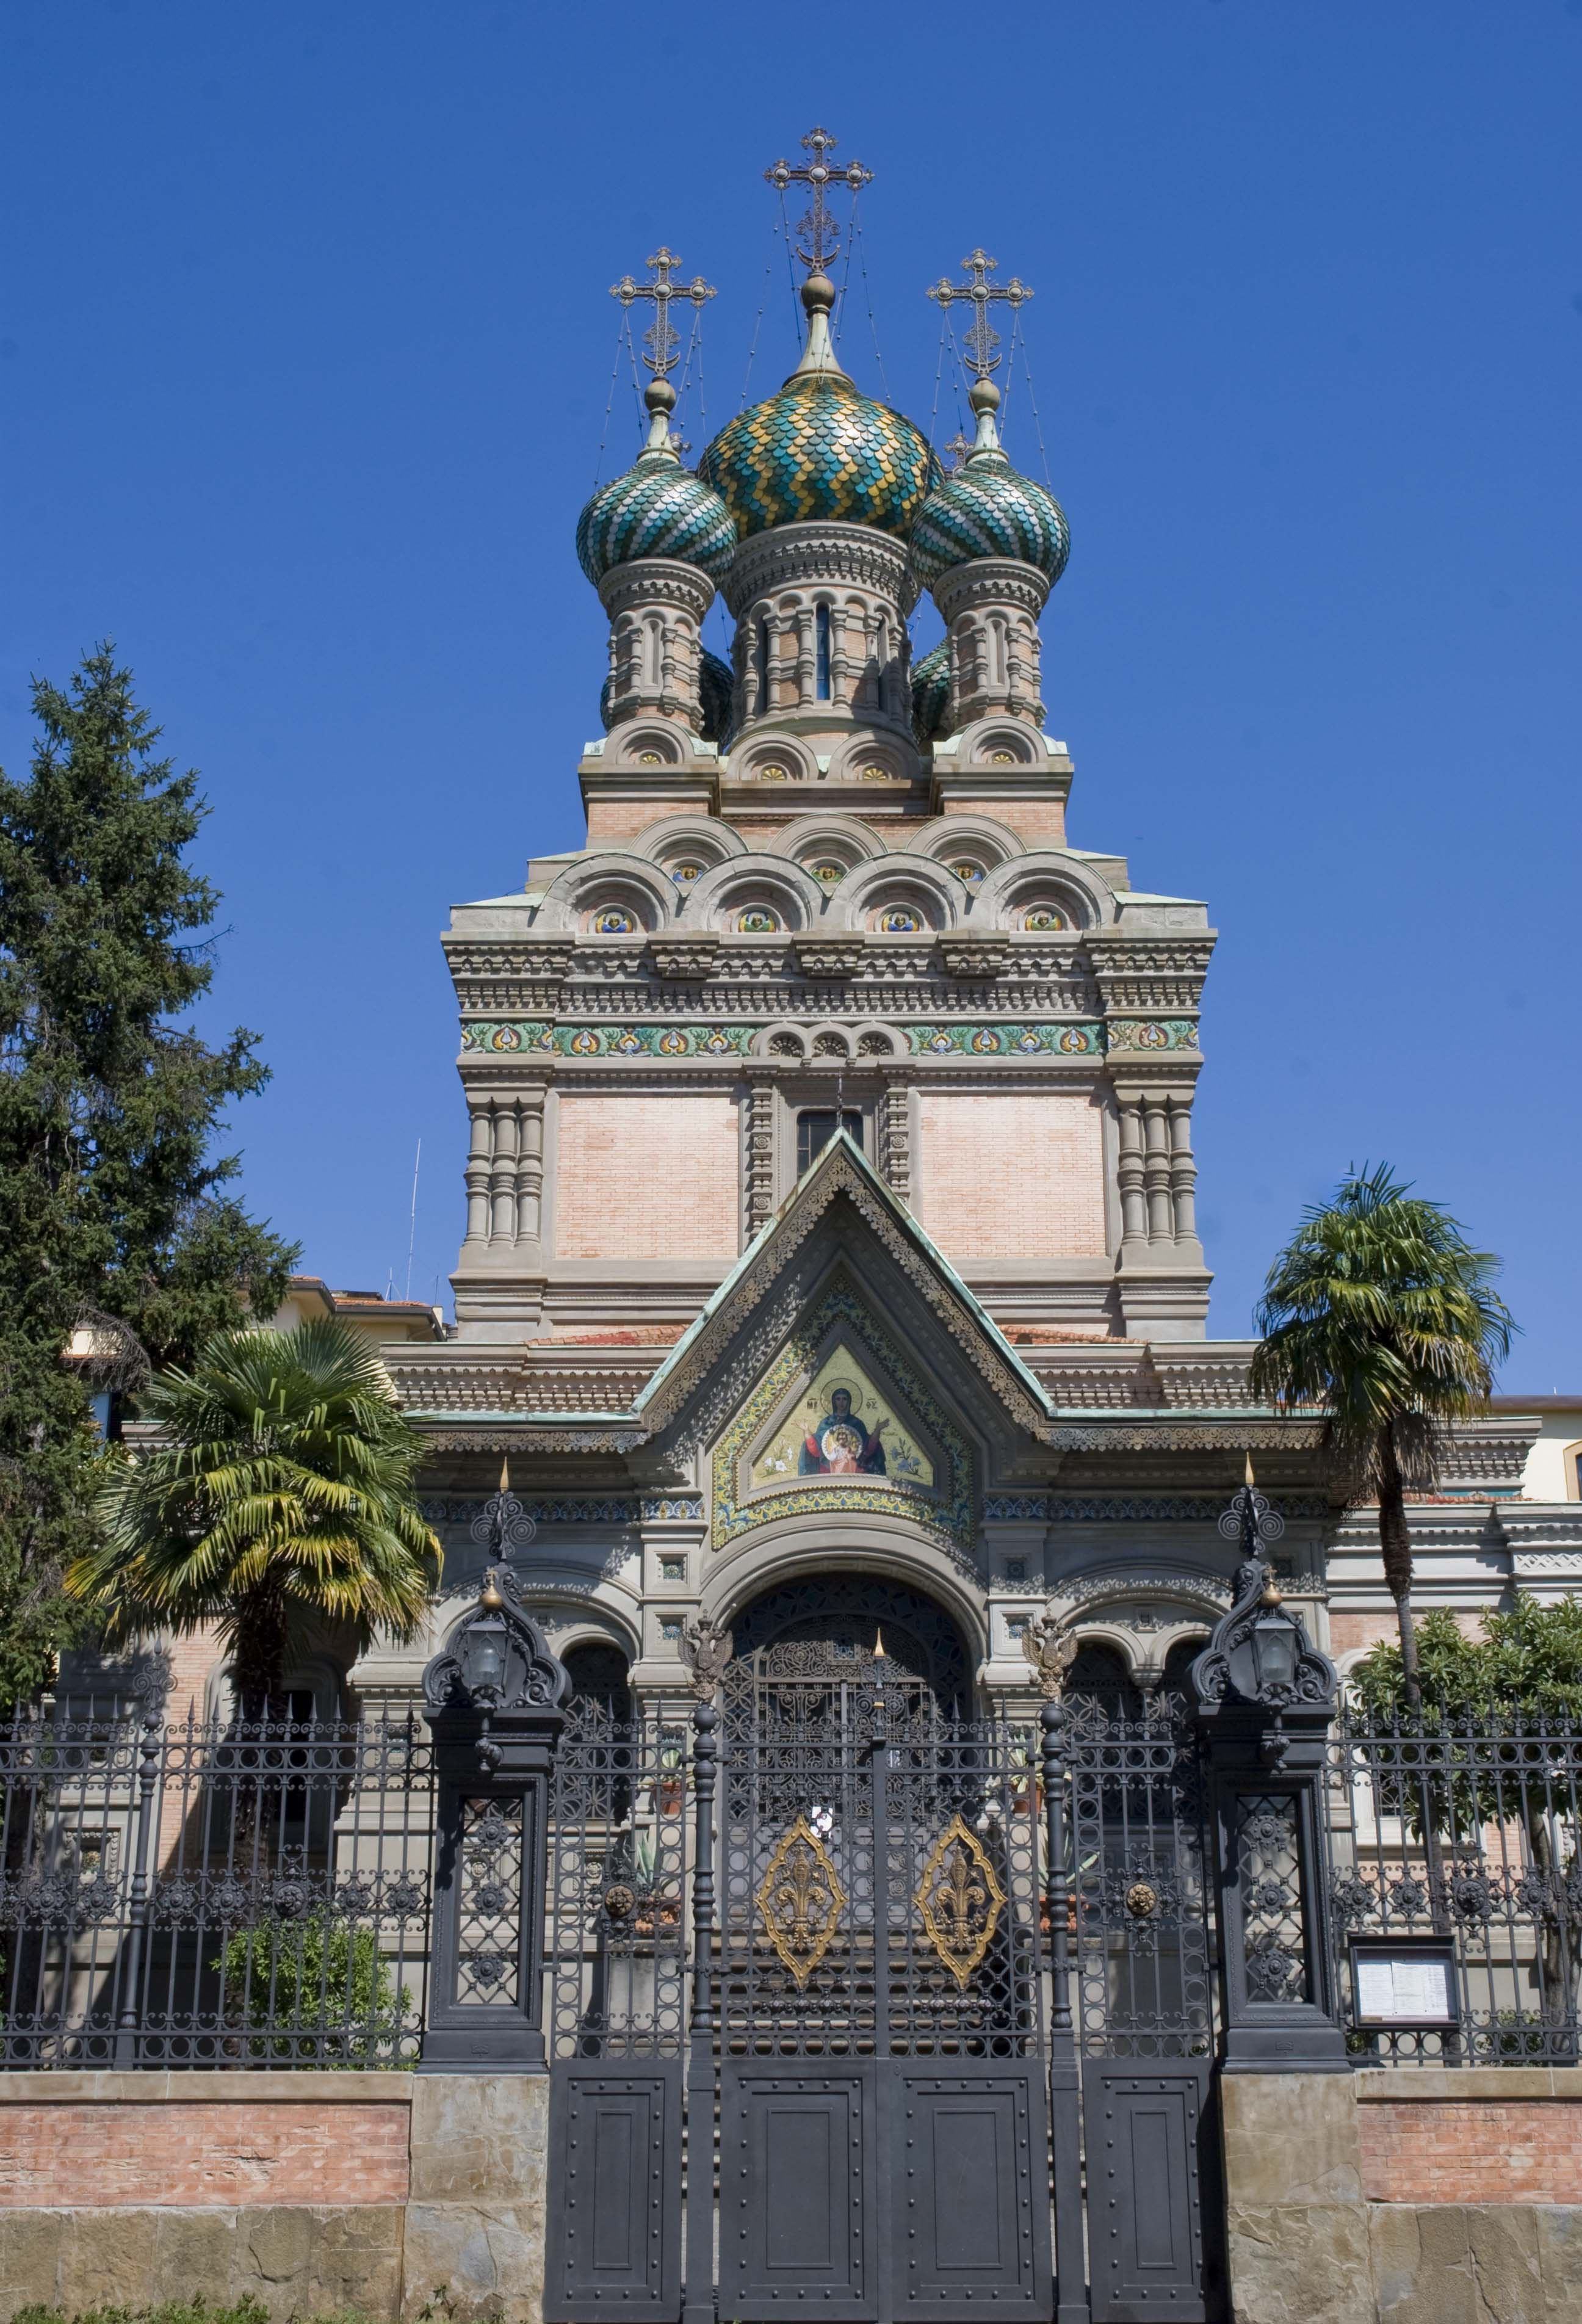 Chiesa_russa_Firenze